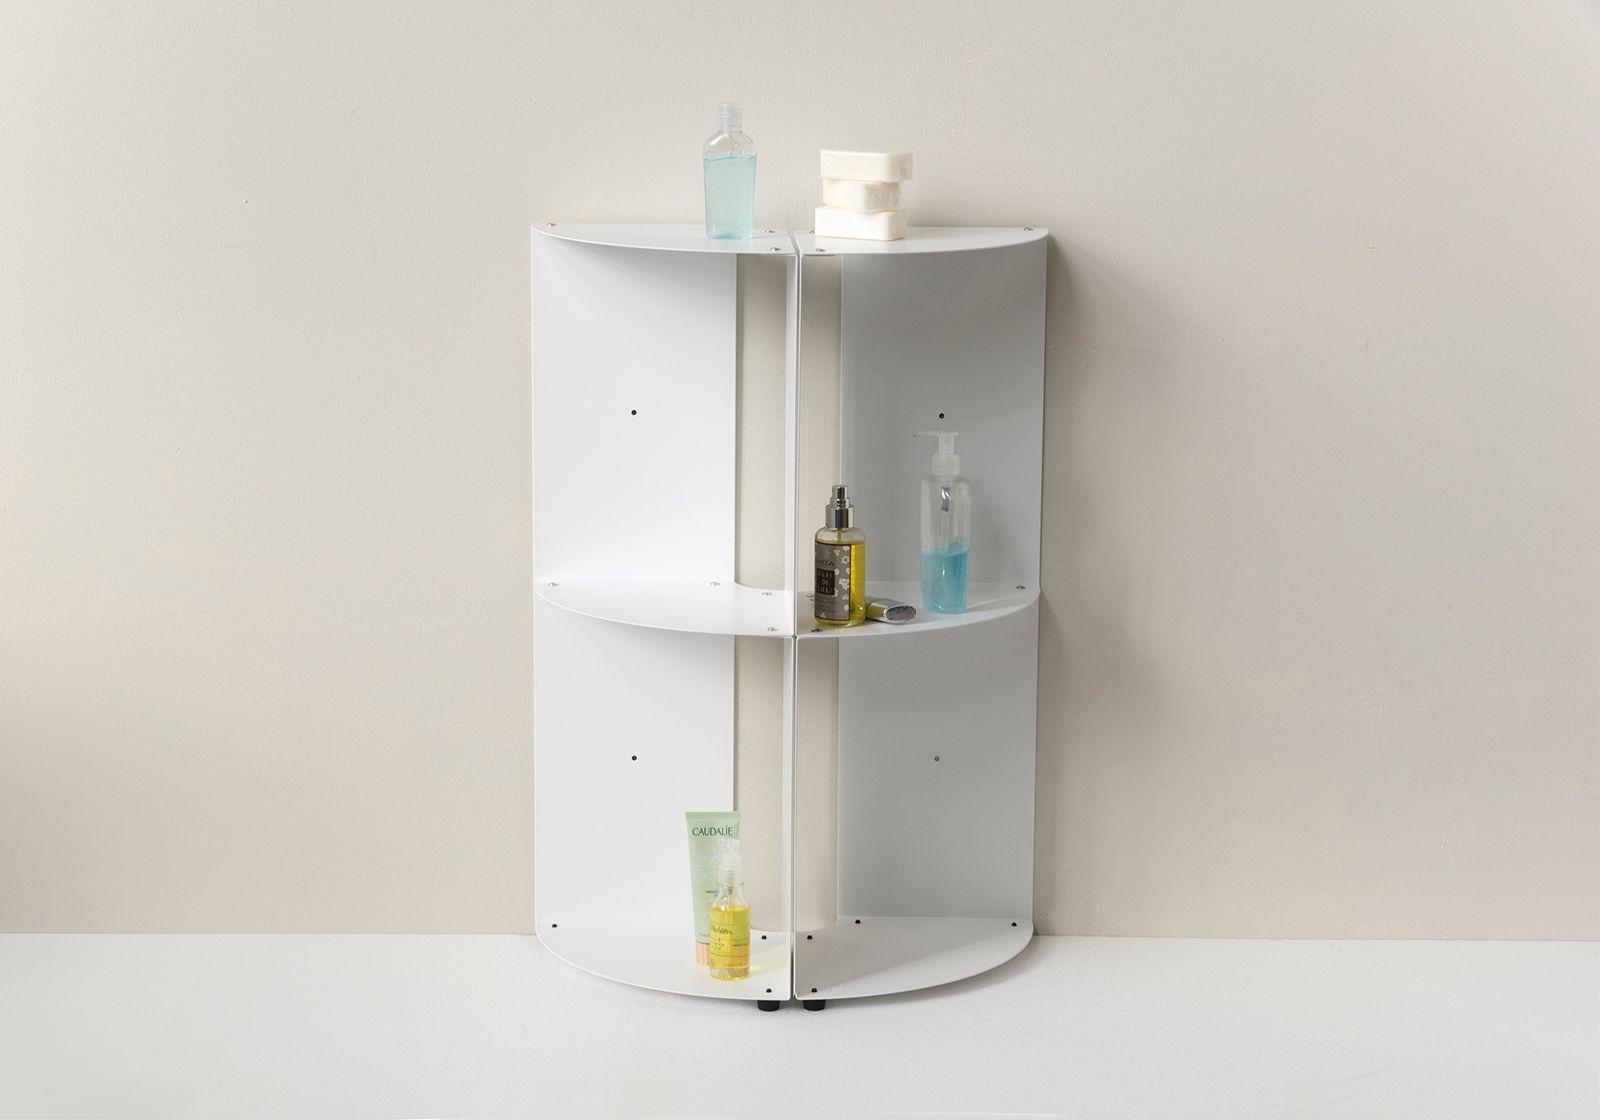 Vente Étagère angle salle de bain DANgolo - métal - 25x25x70cm